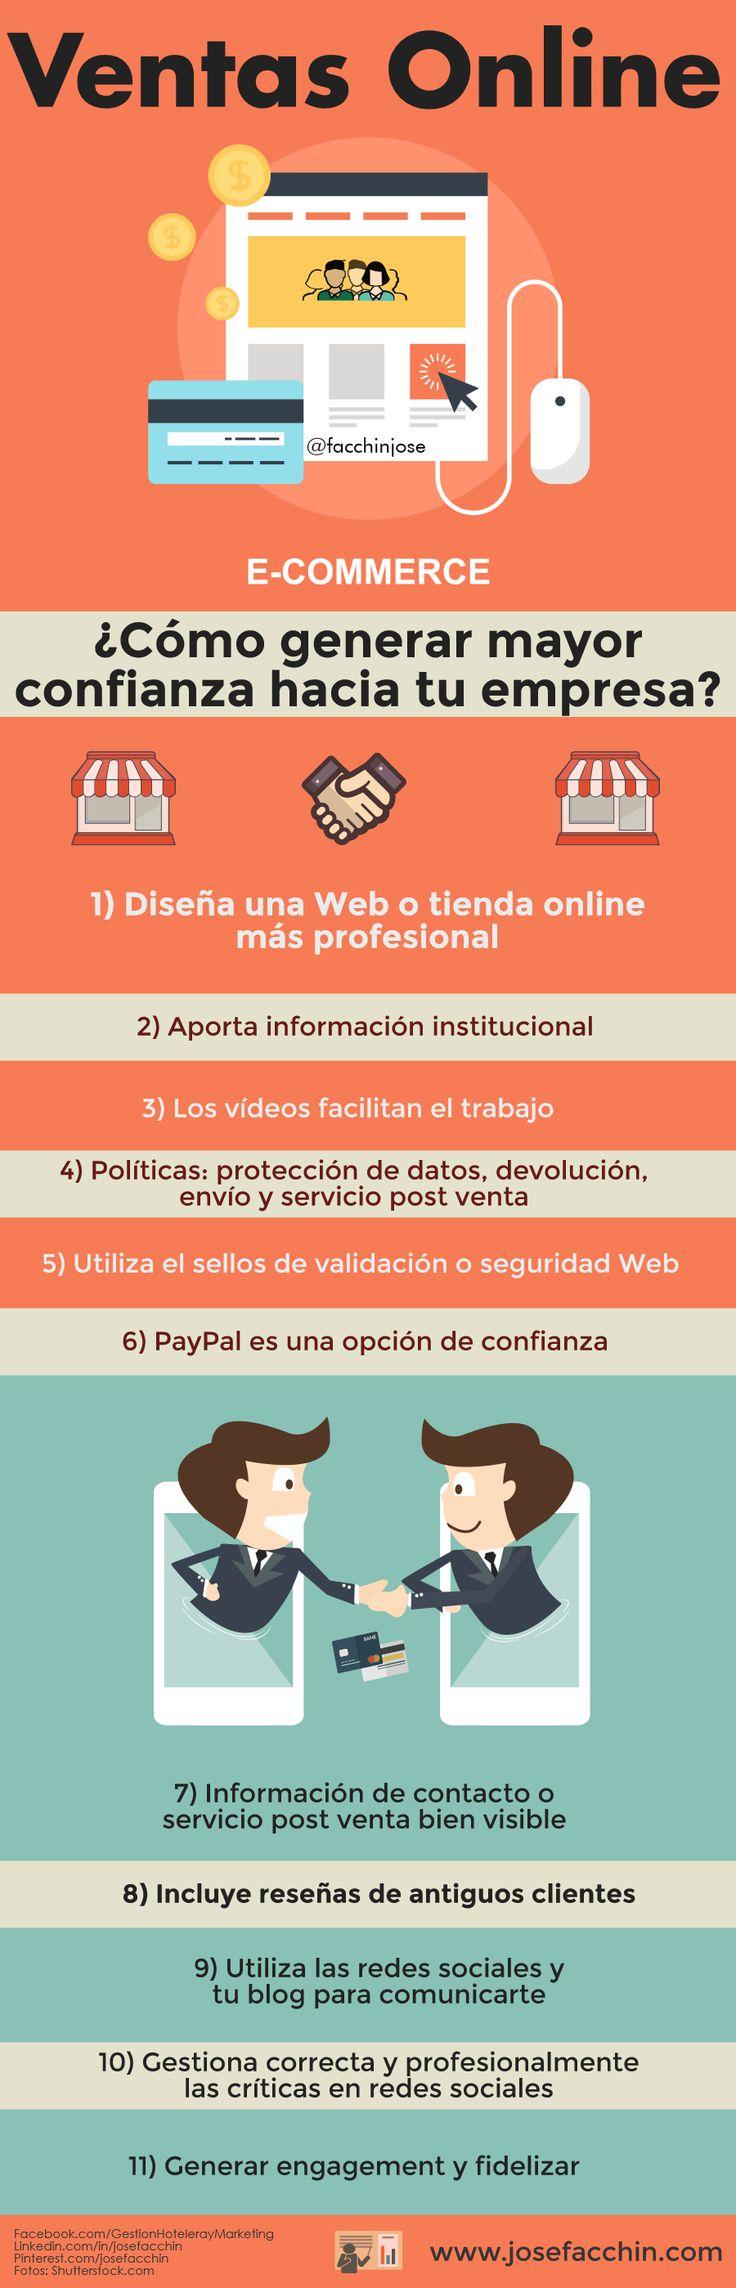 La confianza potencia las compras por Internet  Ideas Negocios Online para www.masymejor.com